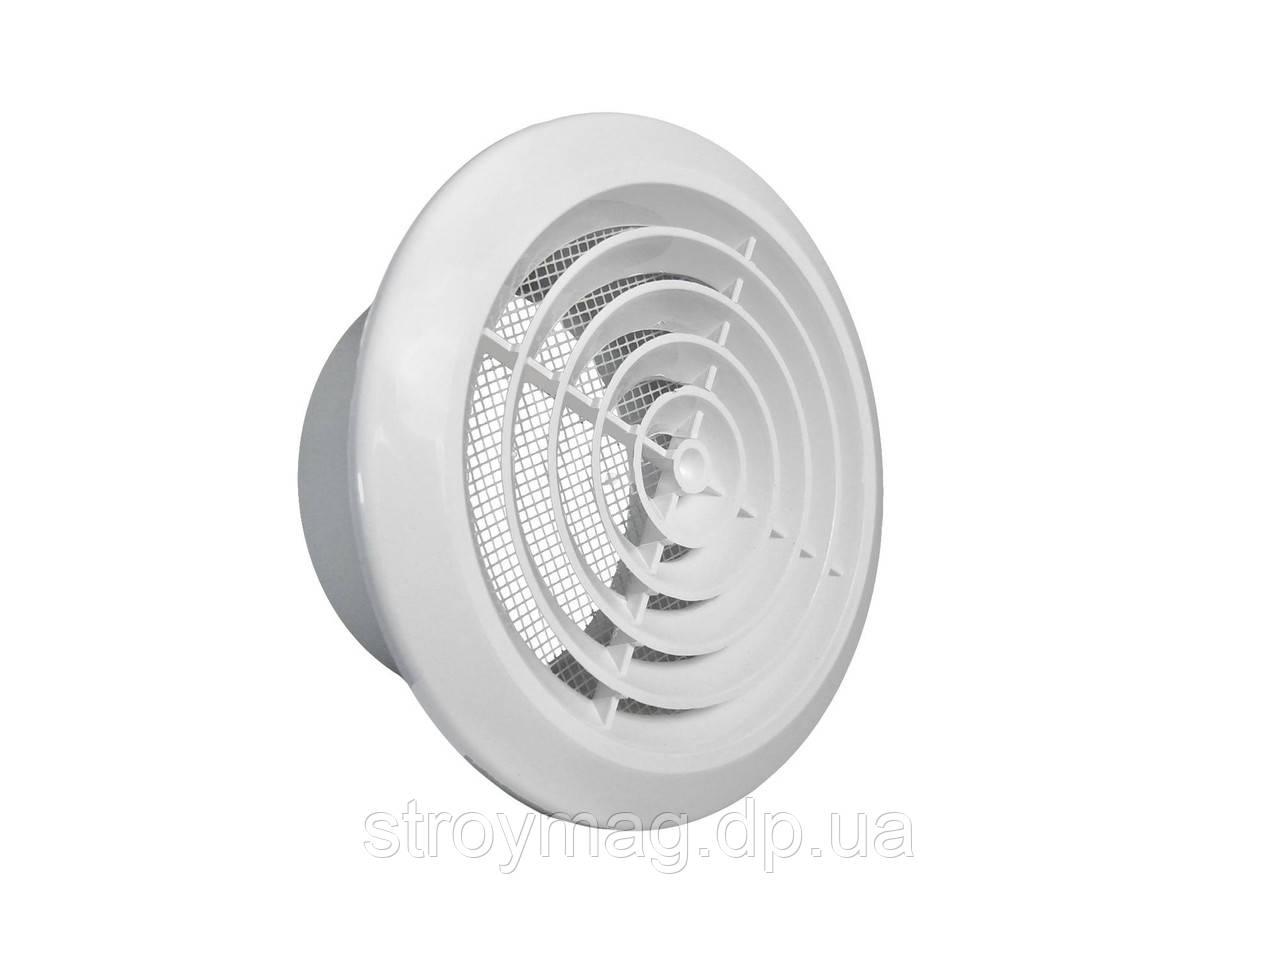 Решетка вентиляционная Dospel KOS 150 (007-0428)